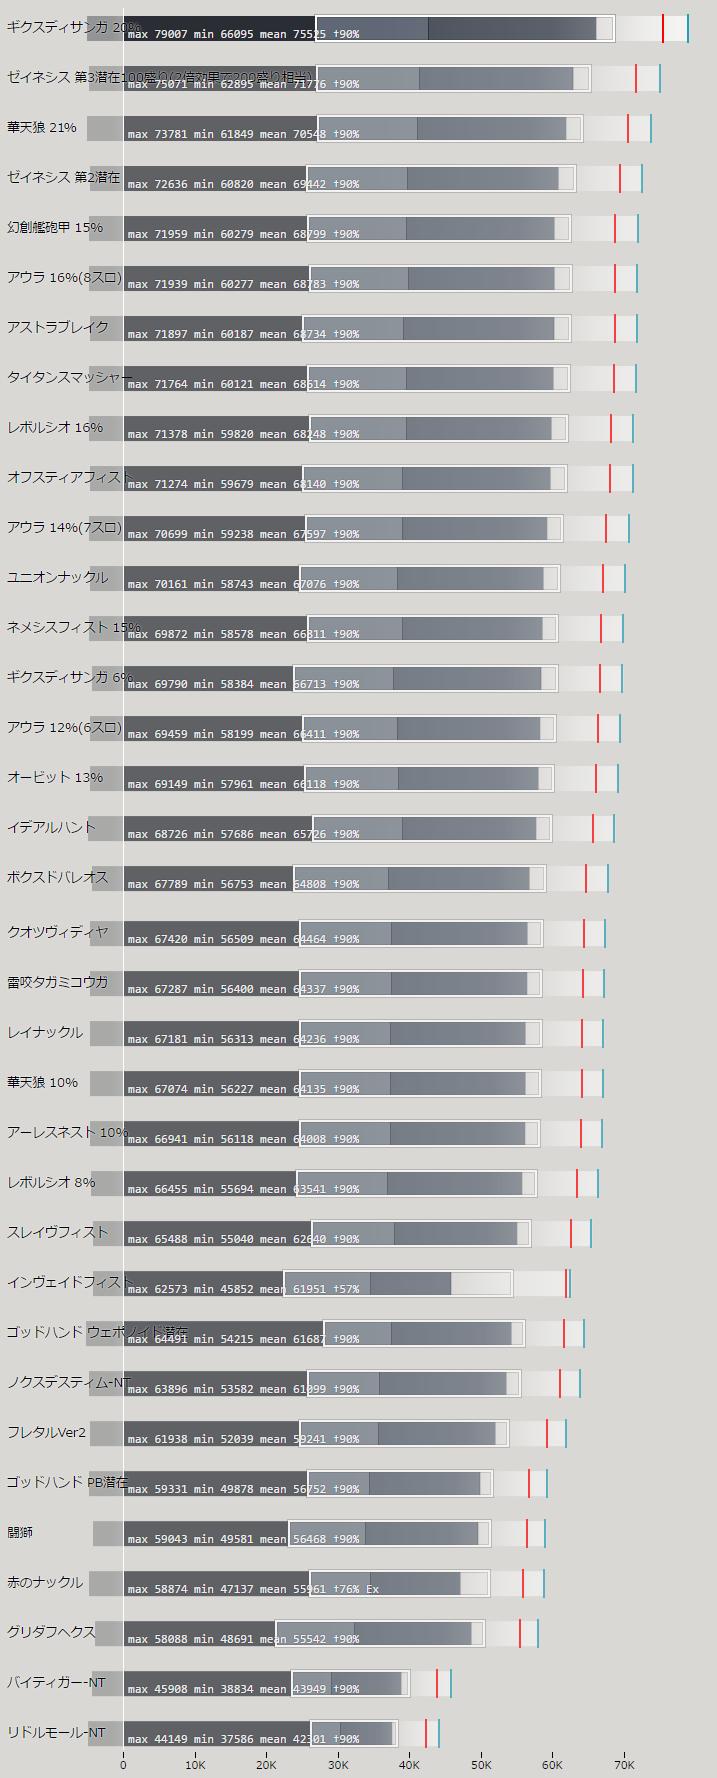 ナックルの火力比較ランキング表